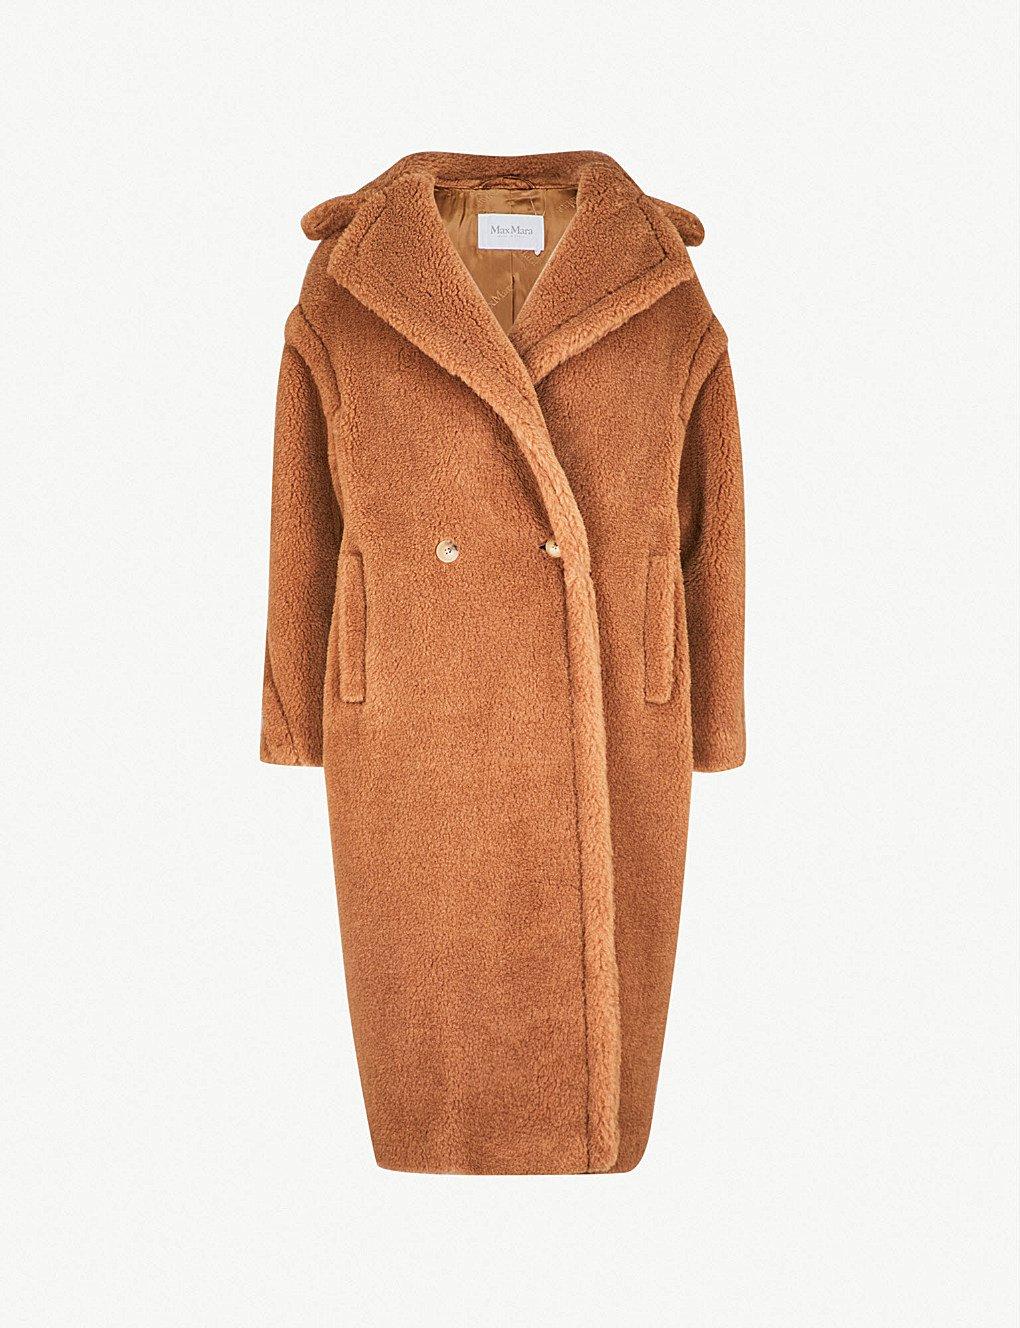 MAX MARA - Teddy camel-blend coat   Selfridges.com